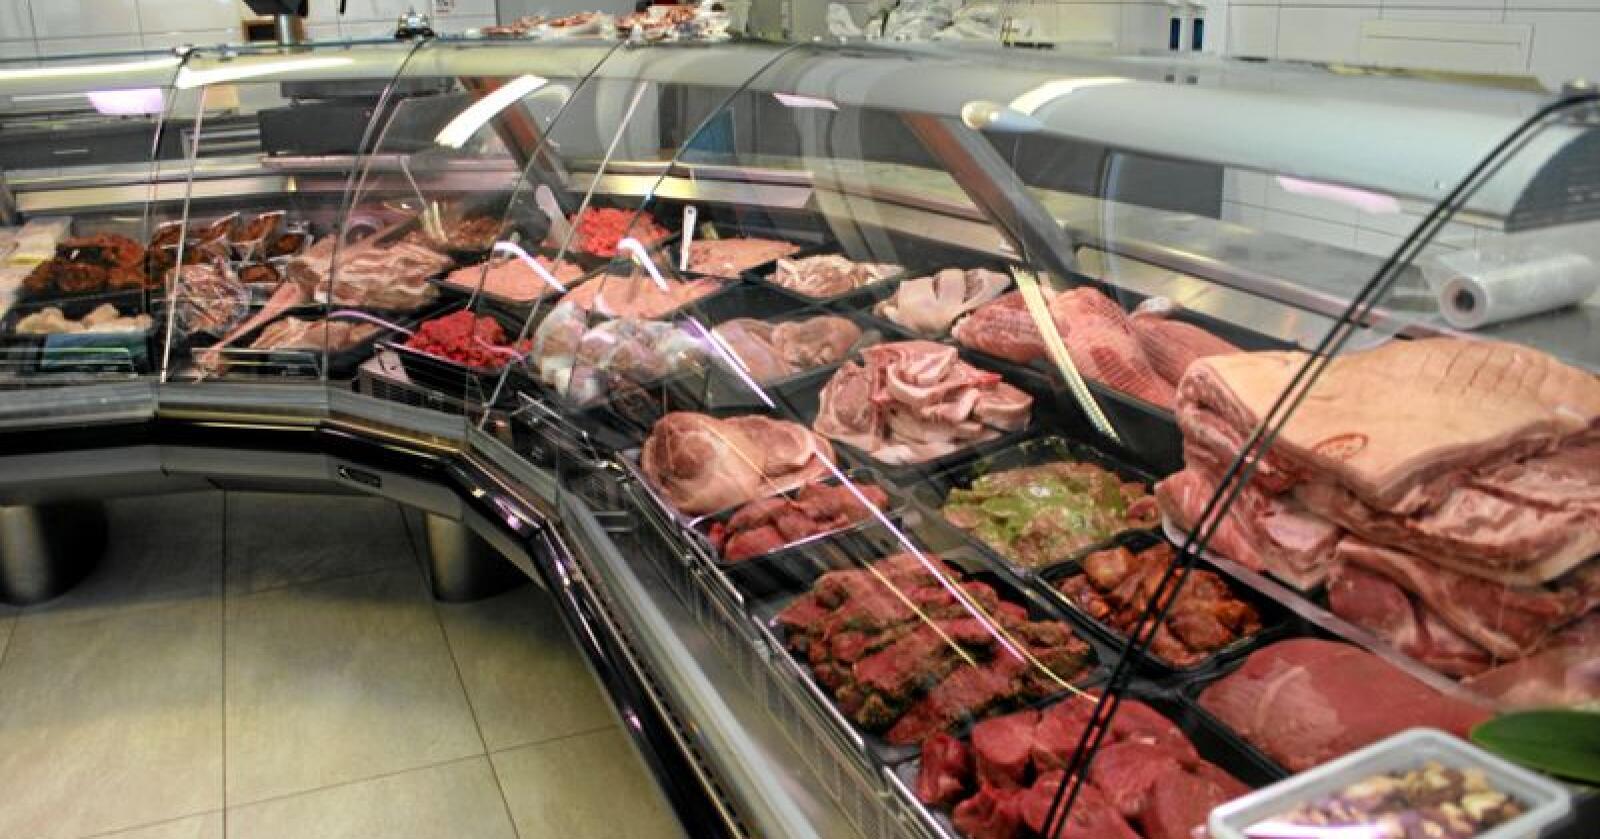 Matkonsum: Nordmenn bruker minst på mat i Norden viser ei europeisk kjøpekraftsundersøking. Her frå ein lokal slaktarbutikk på Jæren. Foto: Bjarne Bekkeheien Aase